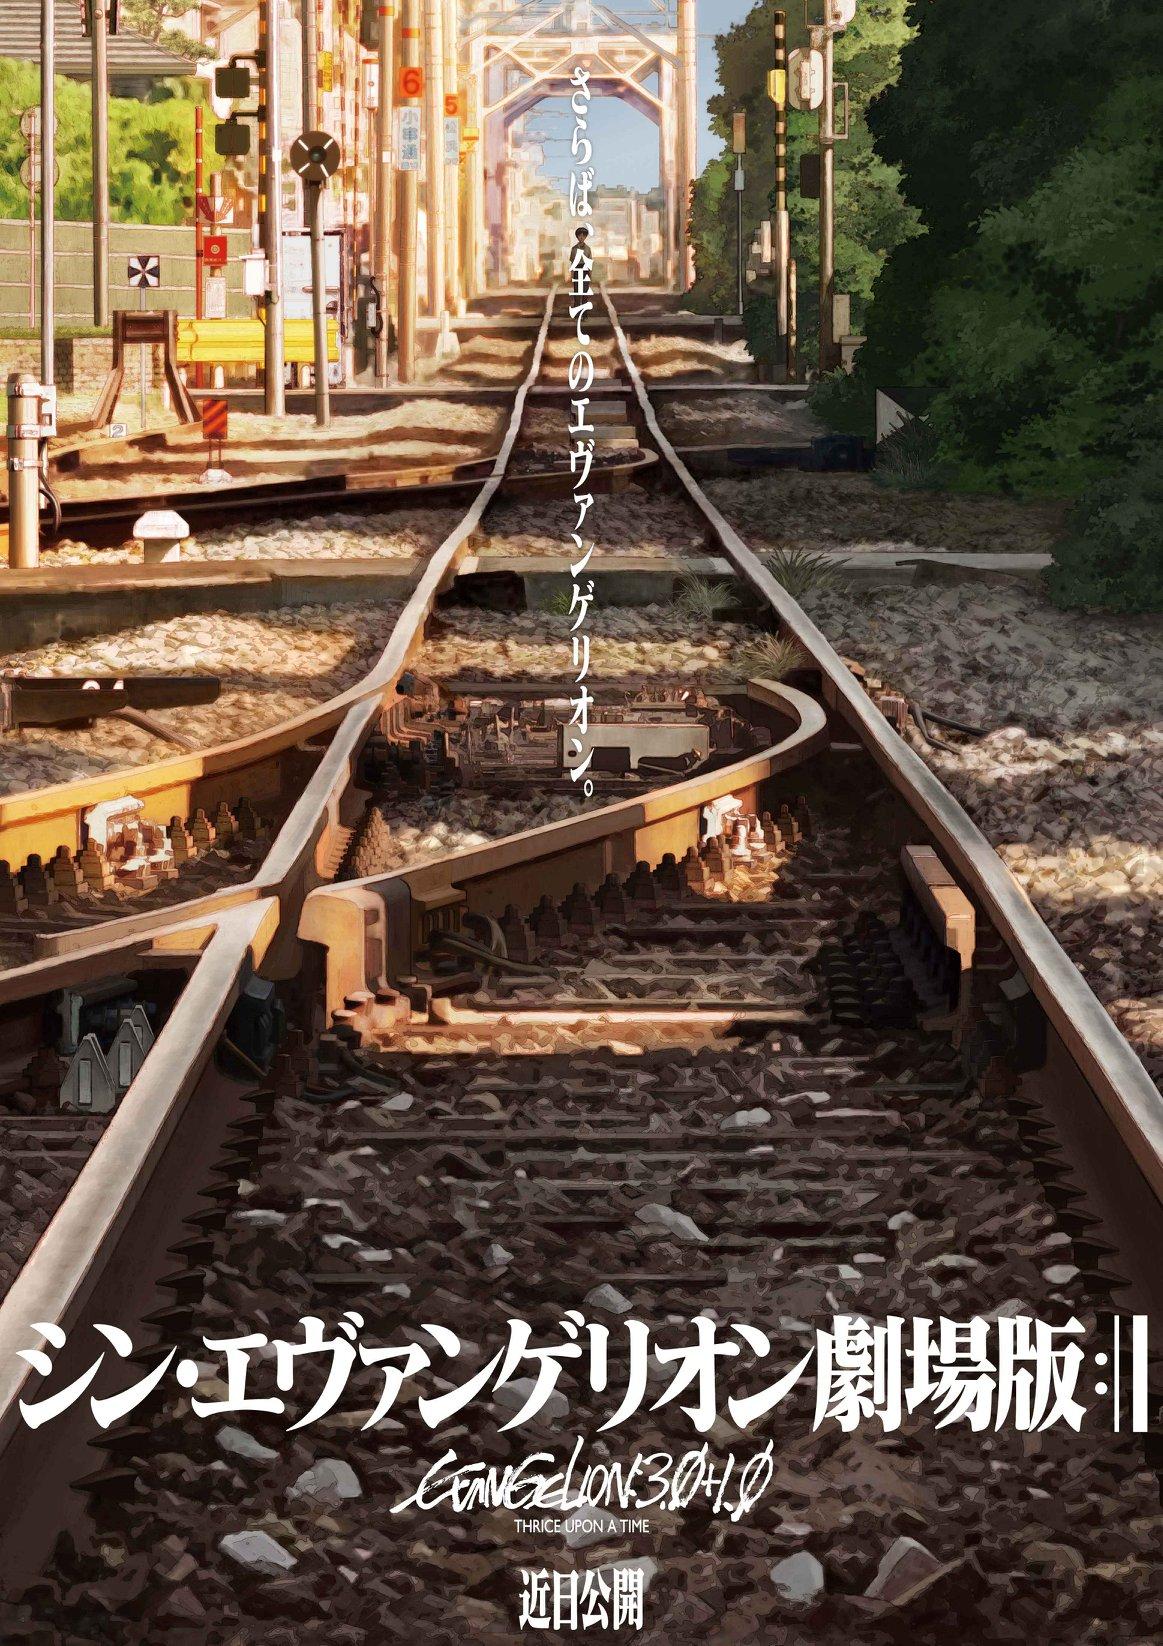 Evangelion trailer data uscita